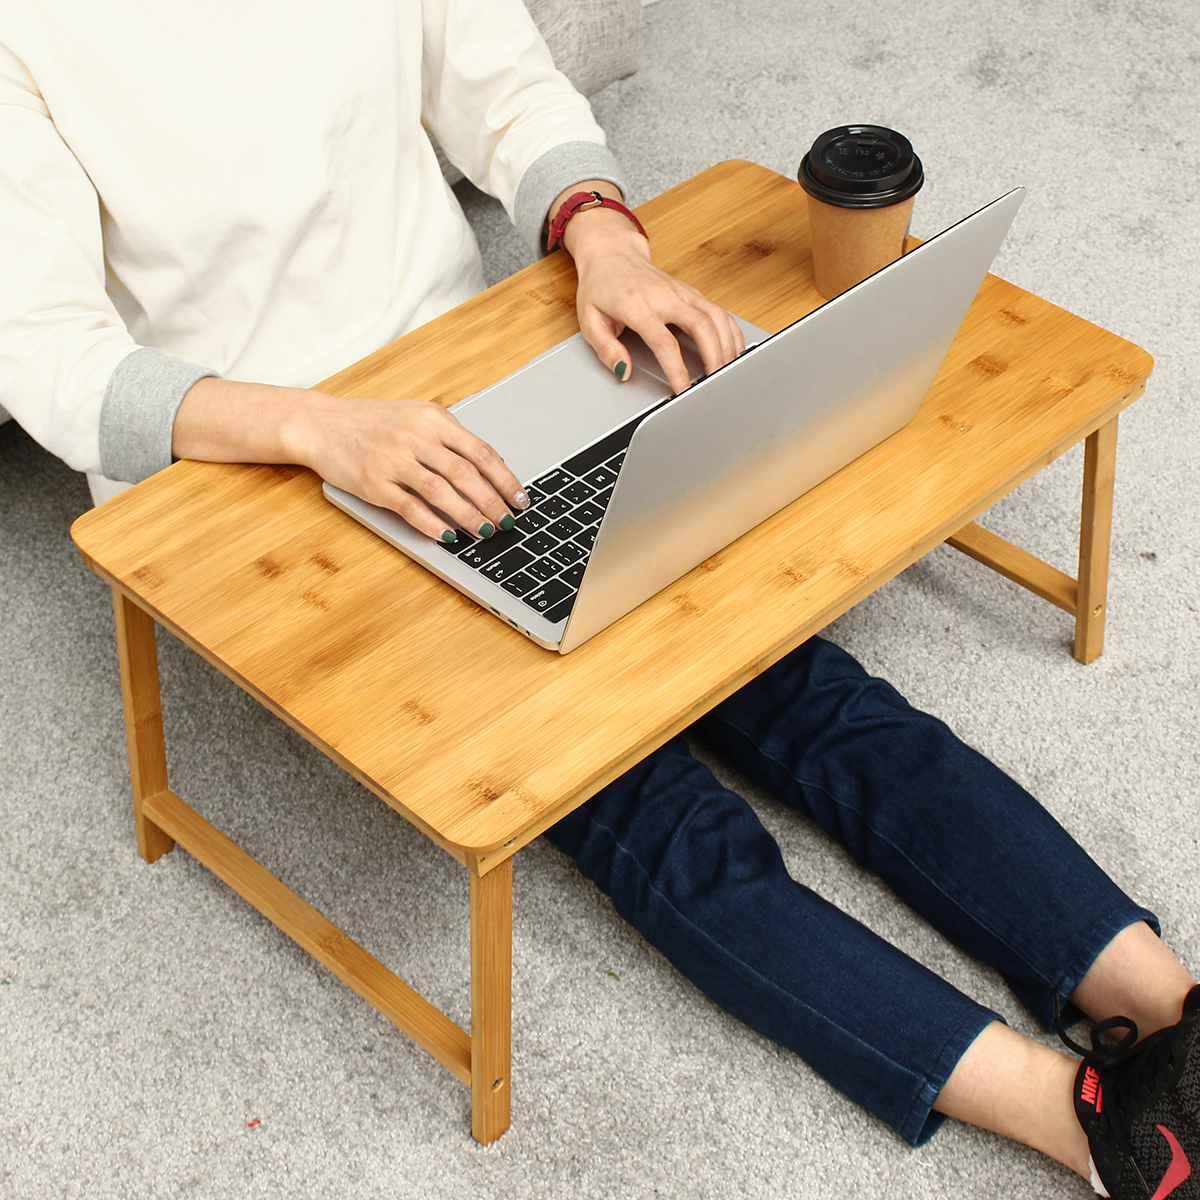 60*39*27 cm support pliant pour ordinateur portable pour lit bambou bureau d'ordinateur portable ordinateur livre Stand sur canapé dortoir voyage Camping pique-nique meubles